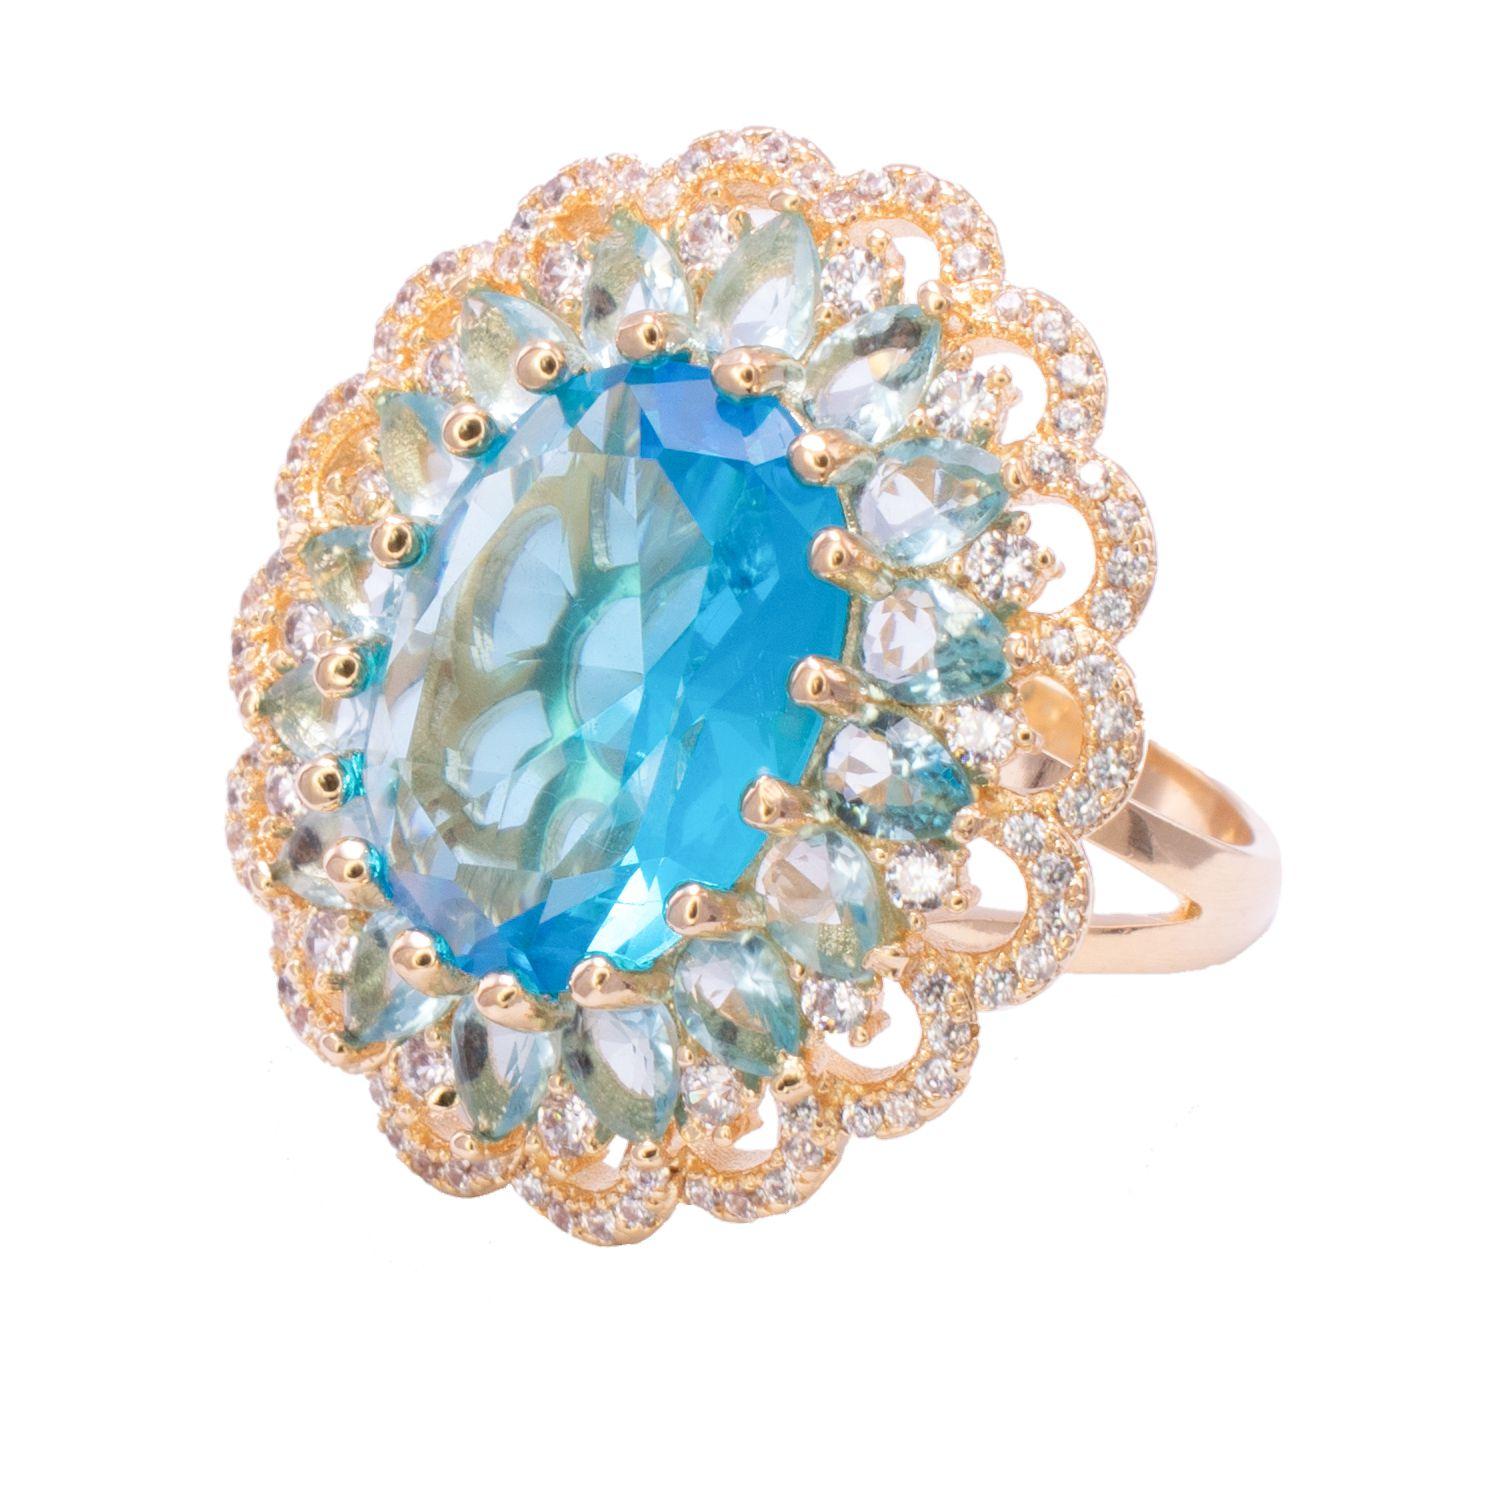 Anel com Cristal Azul e Pedras em Navete com Zircônias Folheado em Ouro 18k